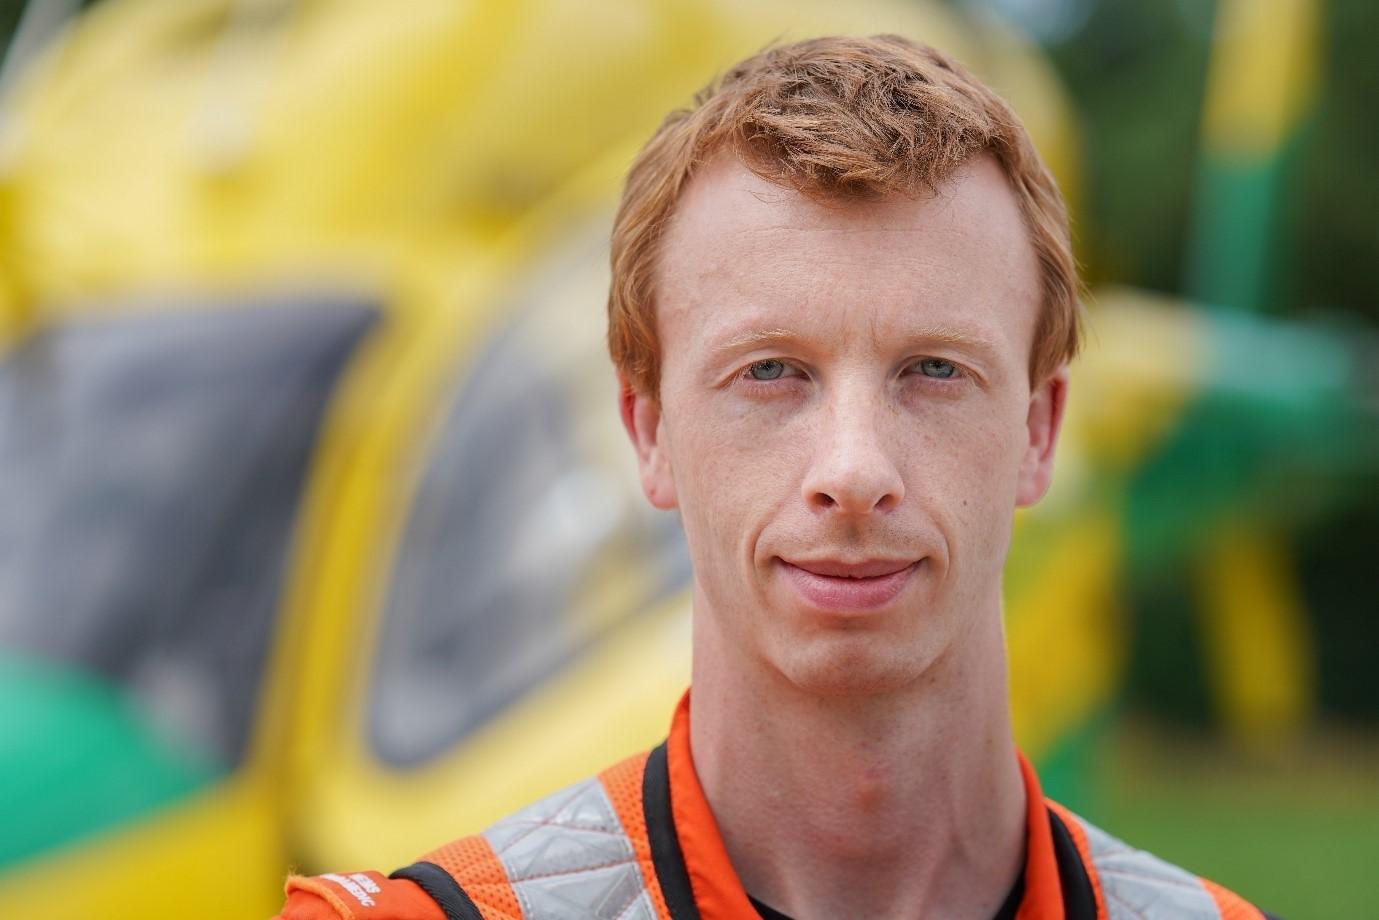 WAA Craig Wilkins Specialist Paramedic